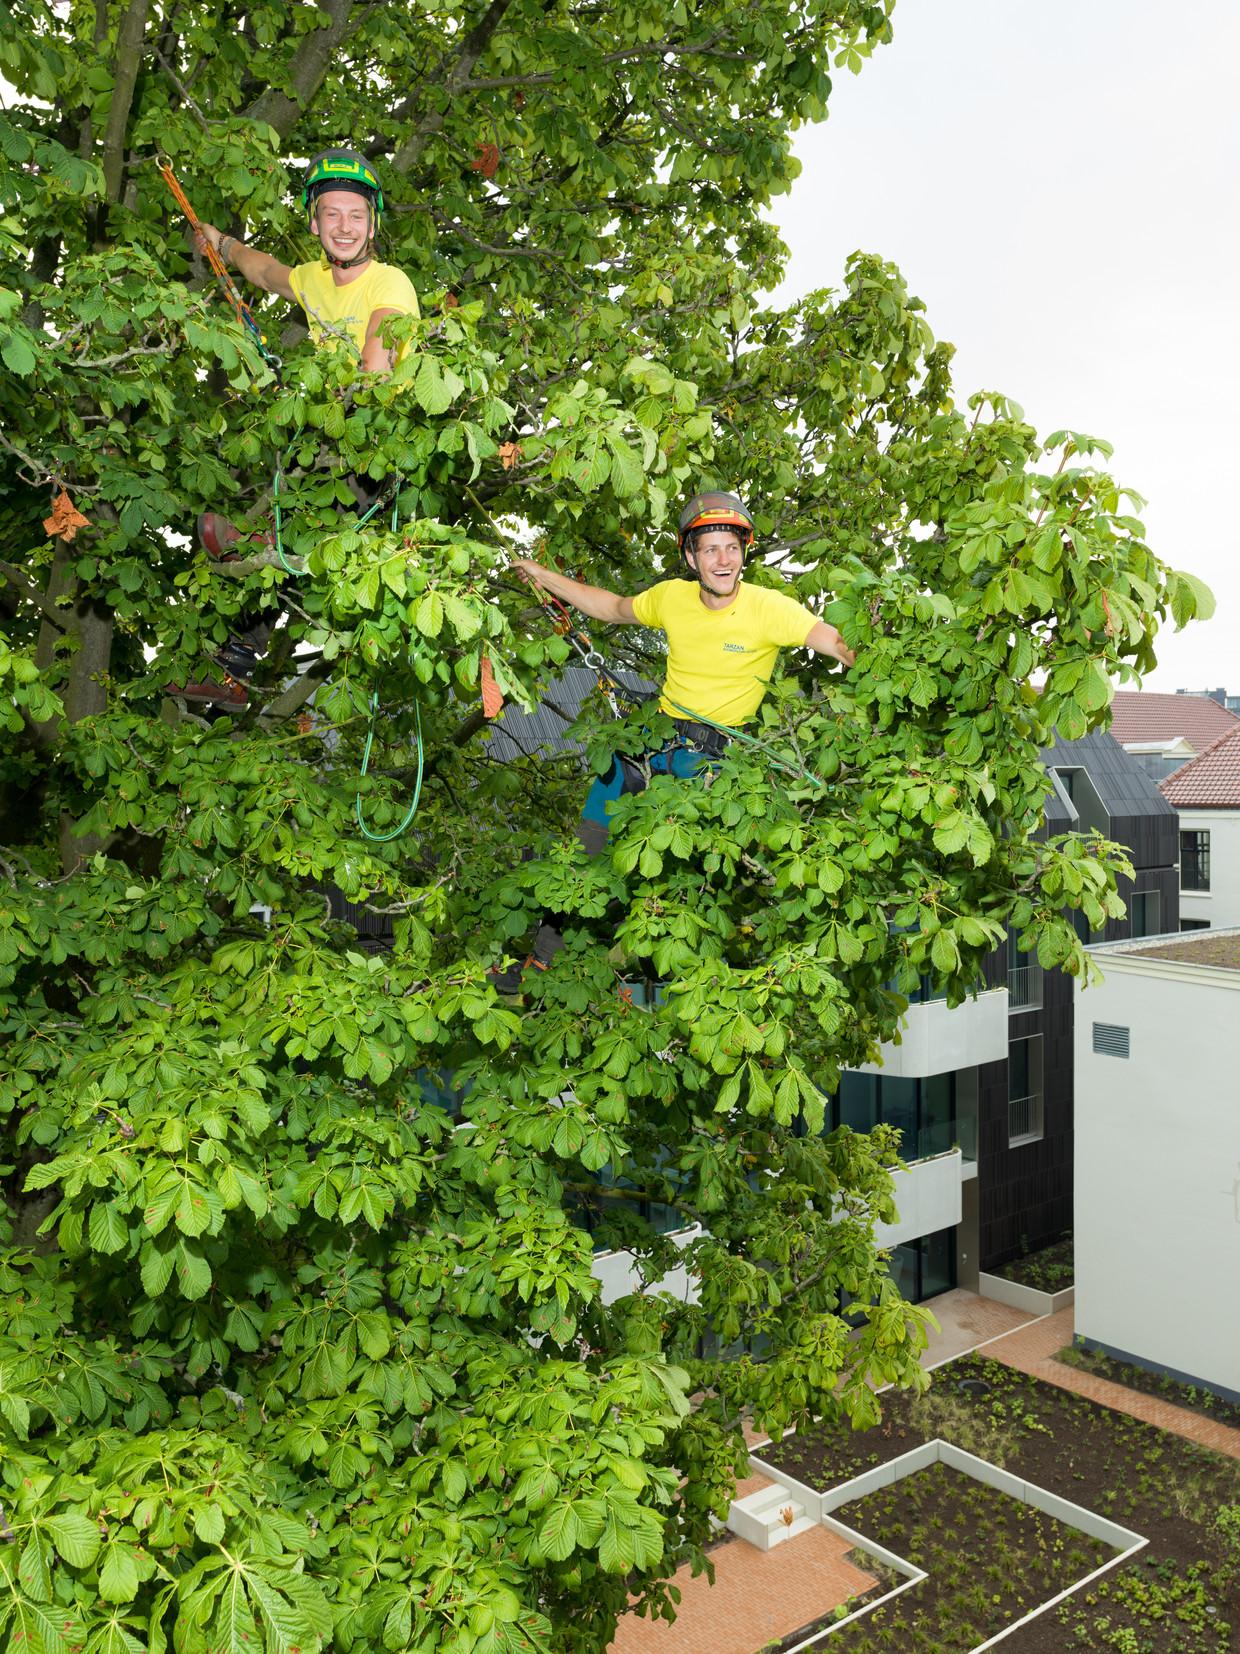 Kaj van Sintemaartensdijk (l) en Christiaan de Jong van Tarzan Boomspecialisten in een tuin op de Prinsengracht. Alles gebeurt uit liefde voor de boom.